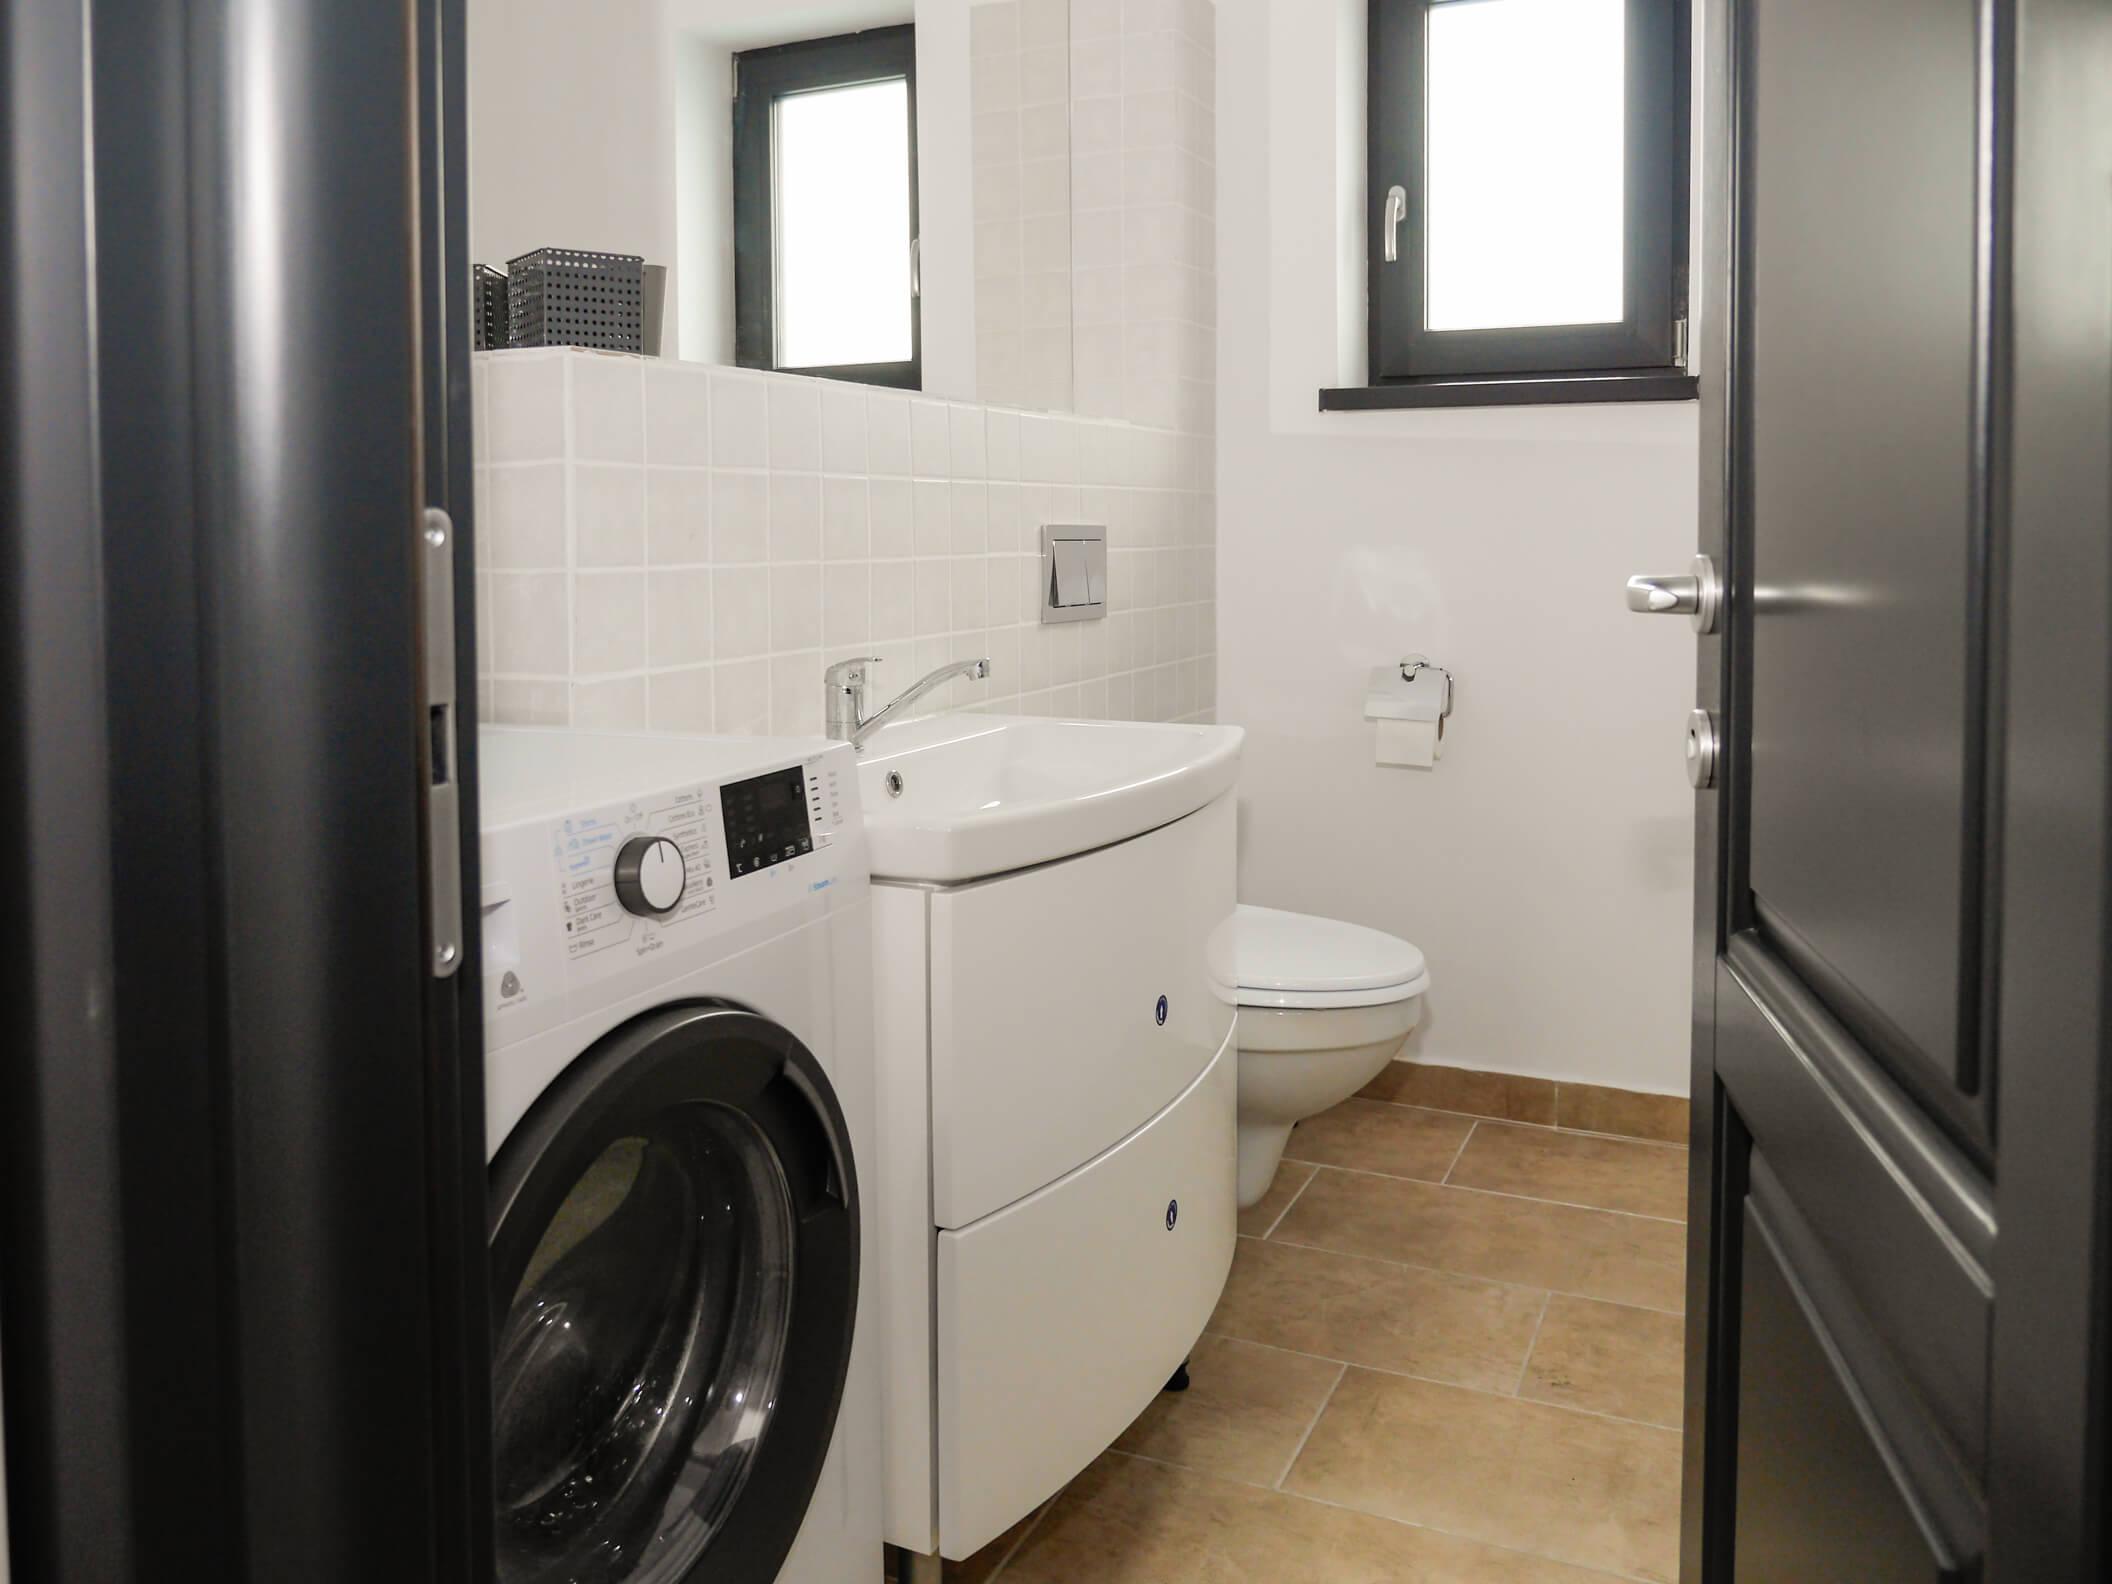 Clement Apartments - apartamente de inchiriat in regim hotelier - cazare neamt - cazare piatra neamt - apartament 4 (7)